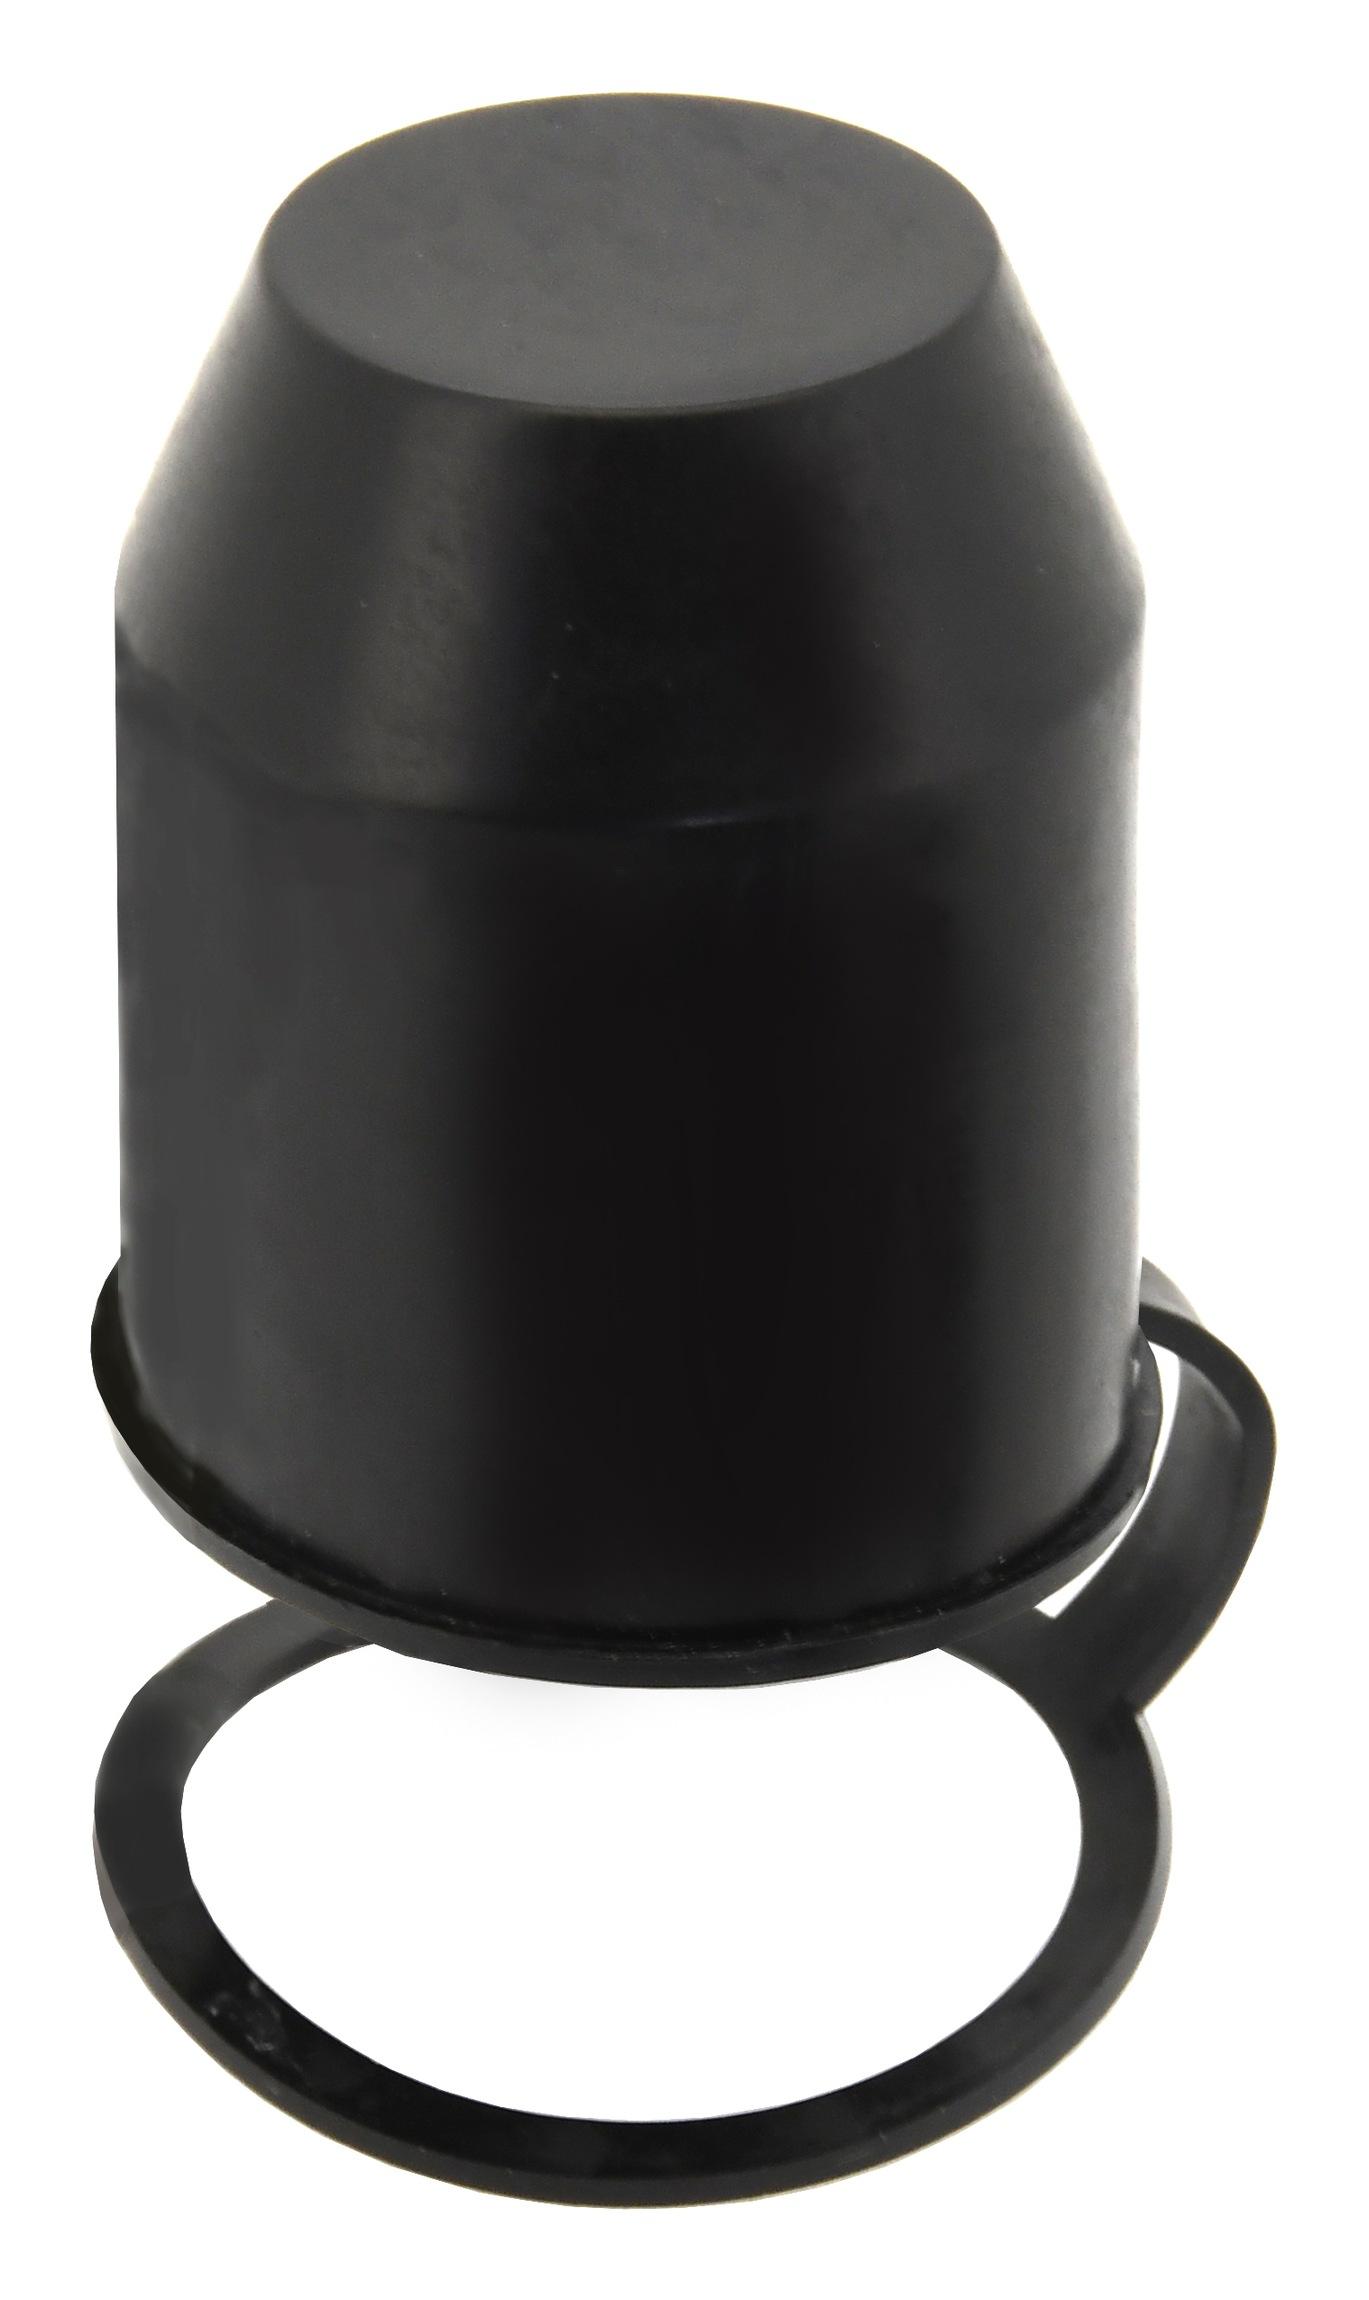 Kryt koule tažného zařízení s držákem